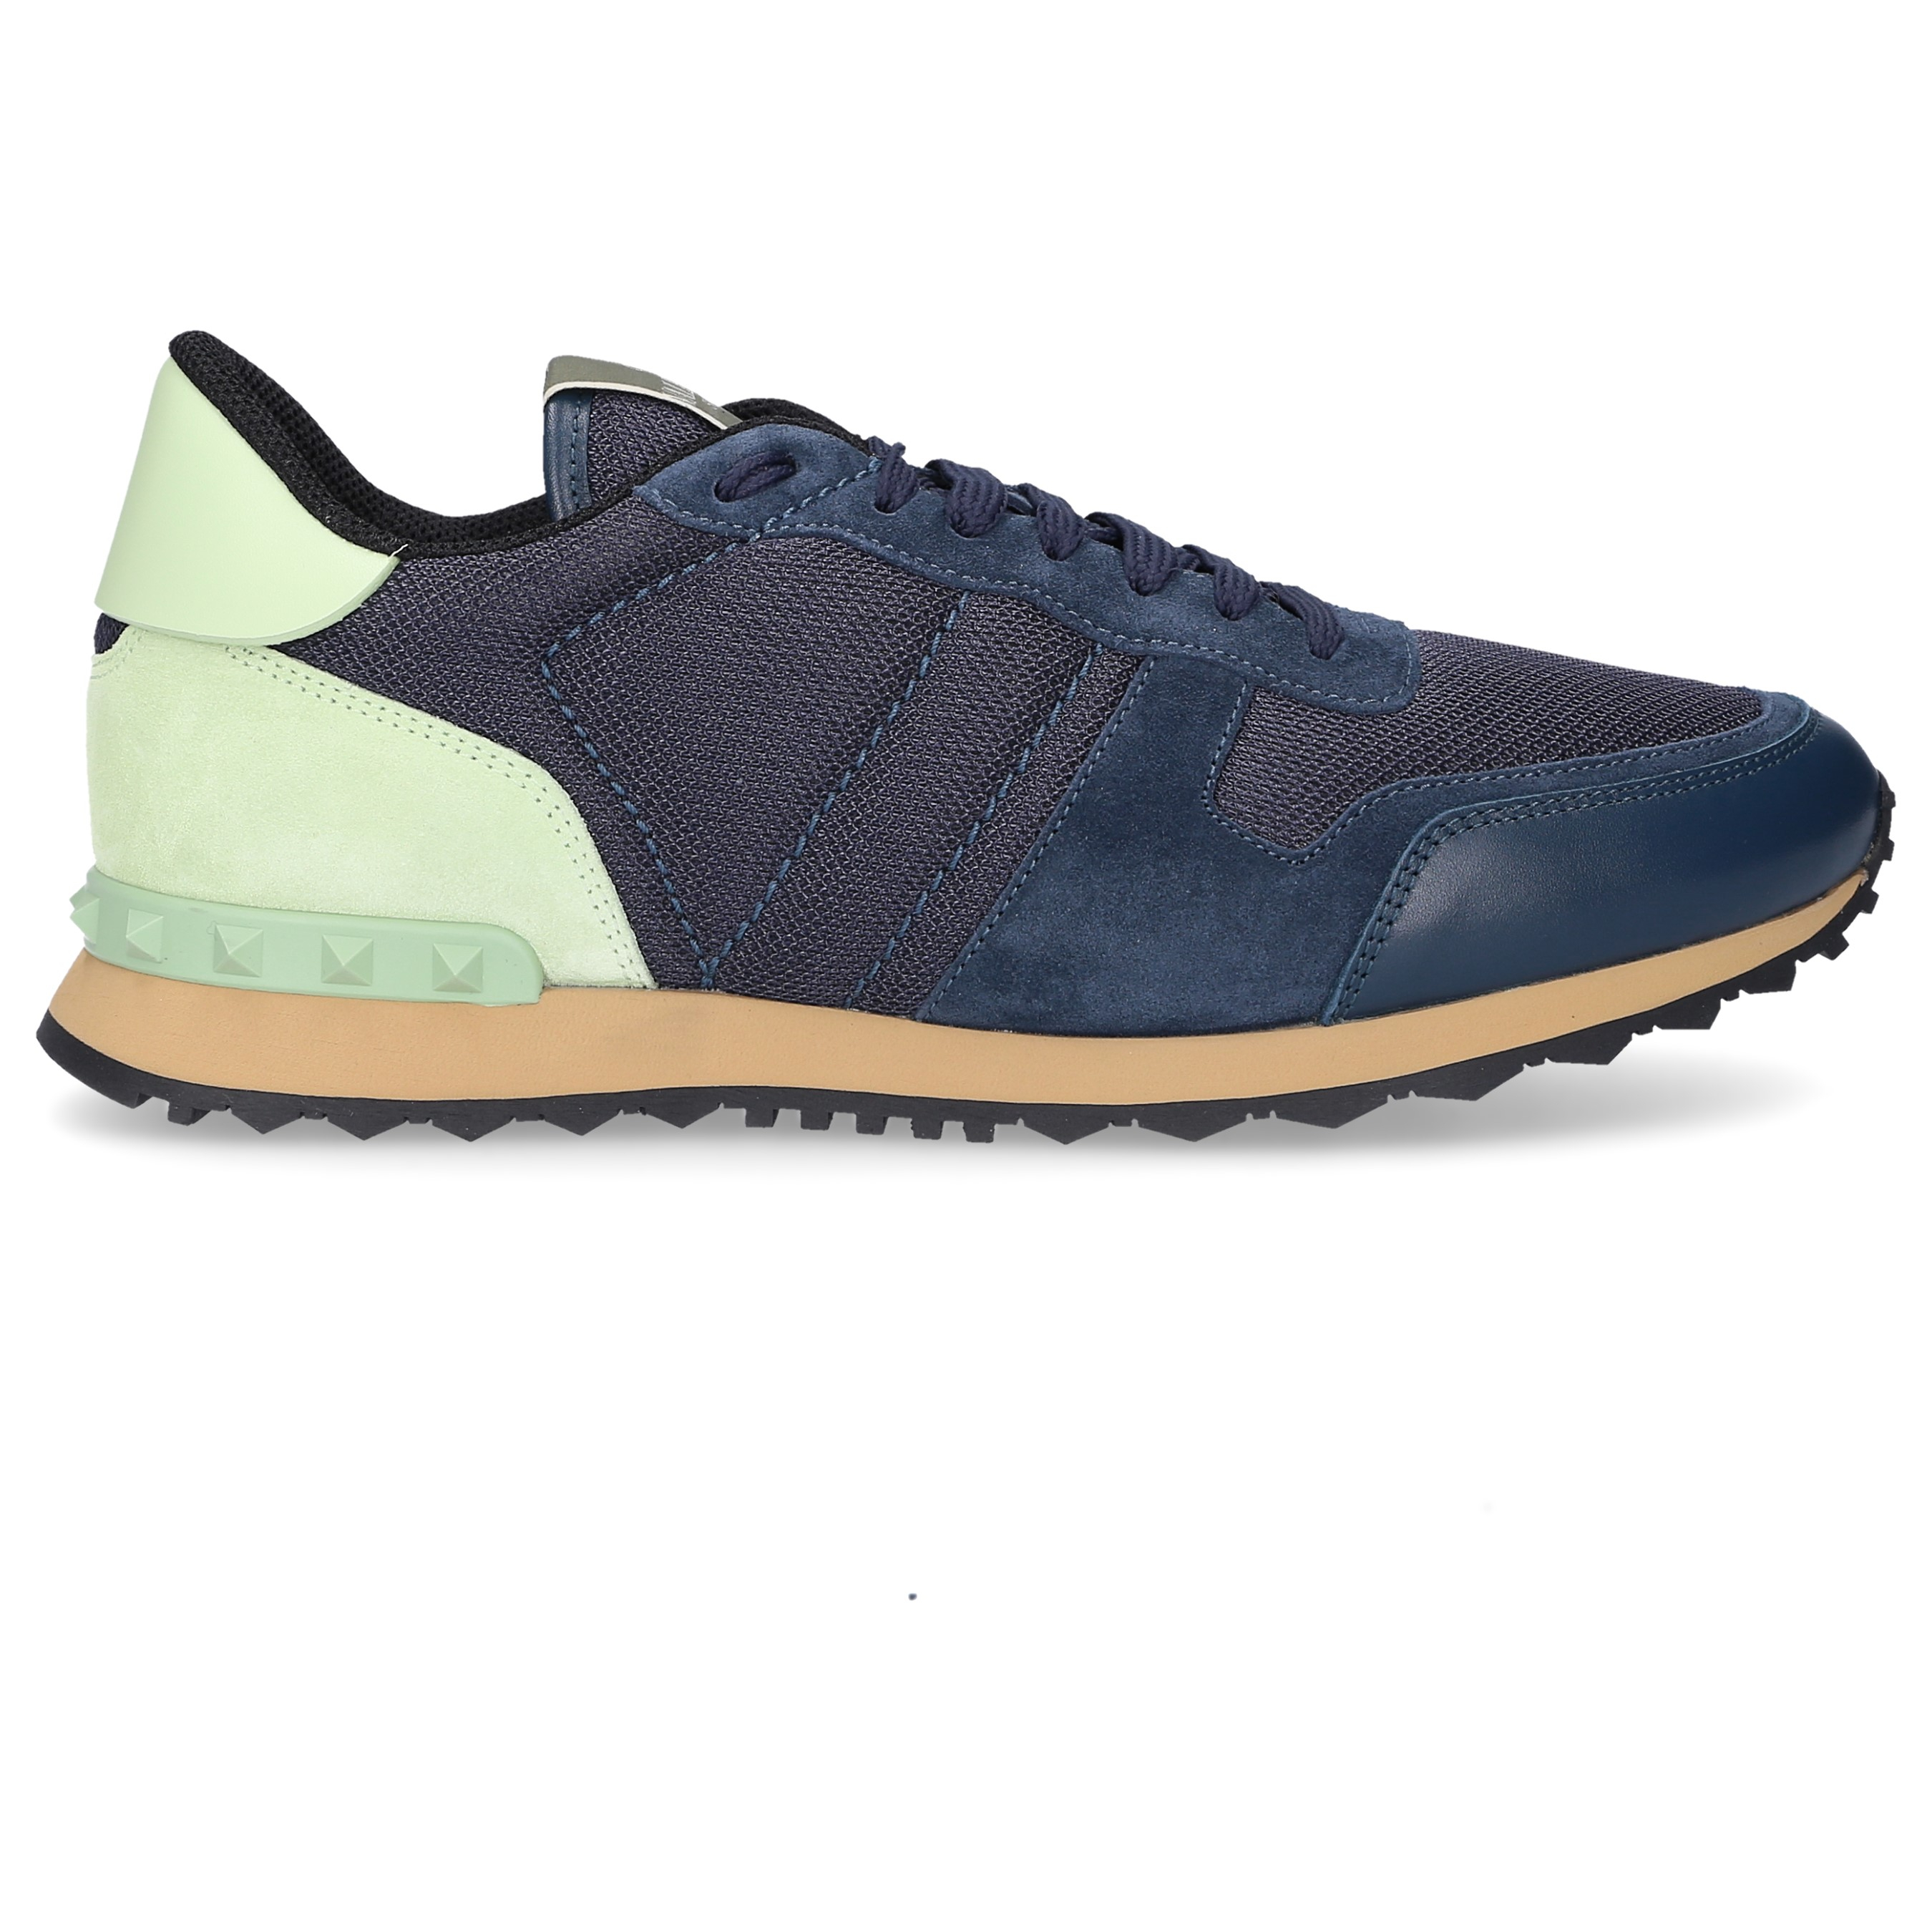 Valentino Sneaker low S0723 Kalbsleder Mesh Veloursleder Logo blau grün